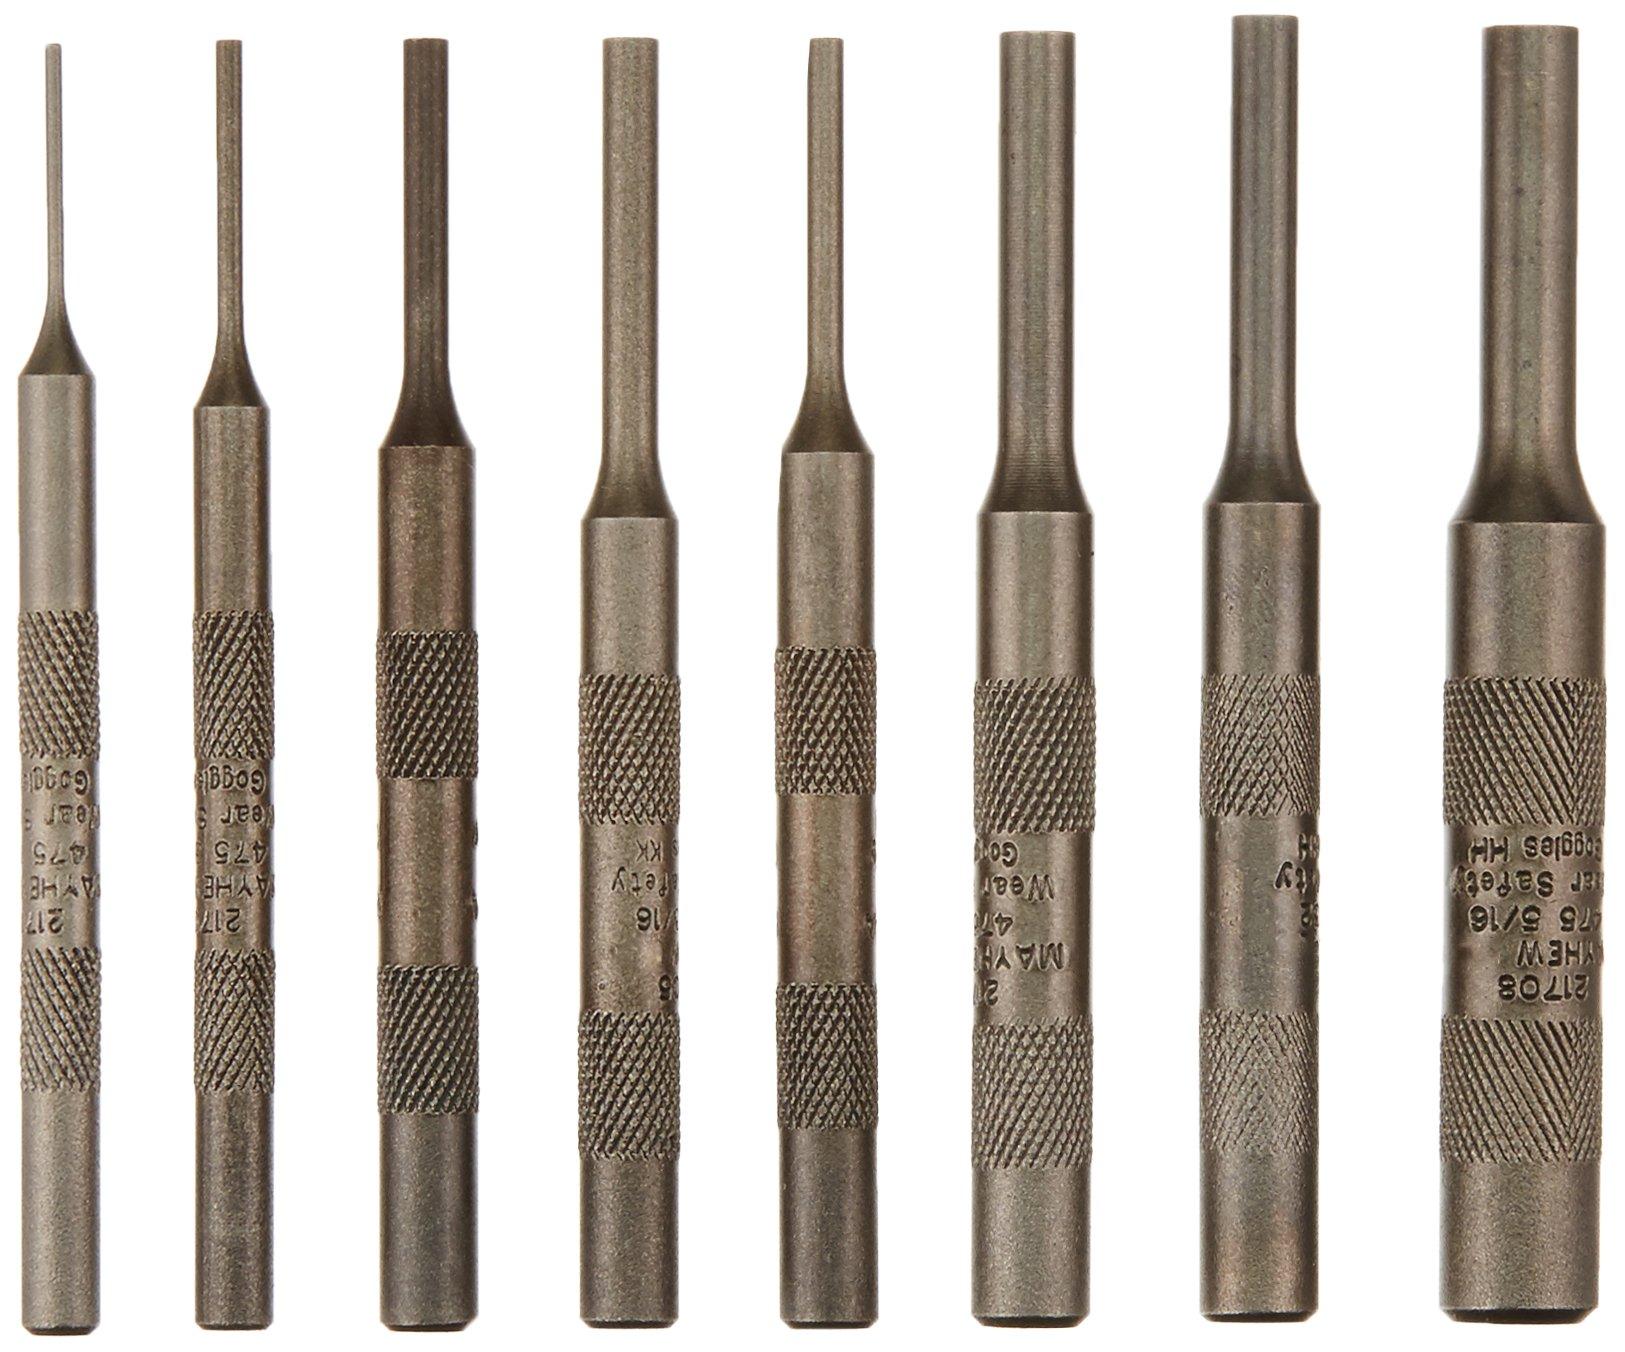 Mayhew Select 62060 480-K Knurled Pin Punch Kit, 8-Piece